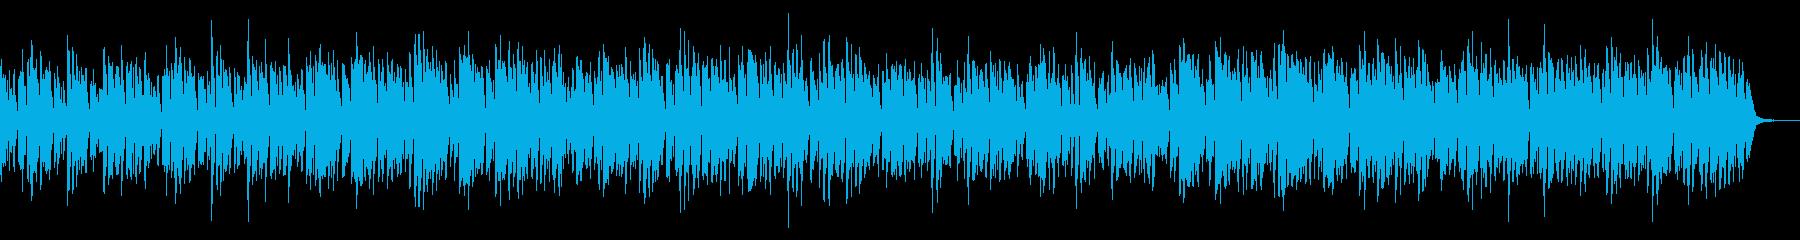 ほのぼのとした可愛いアコースティック曲の再生済みの波形